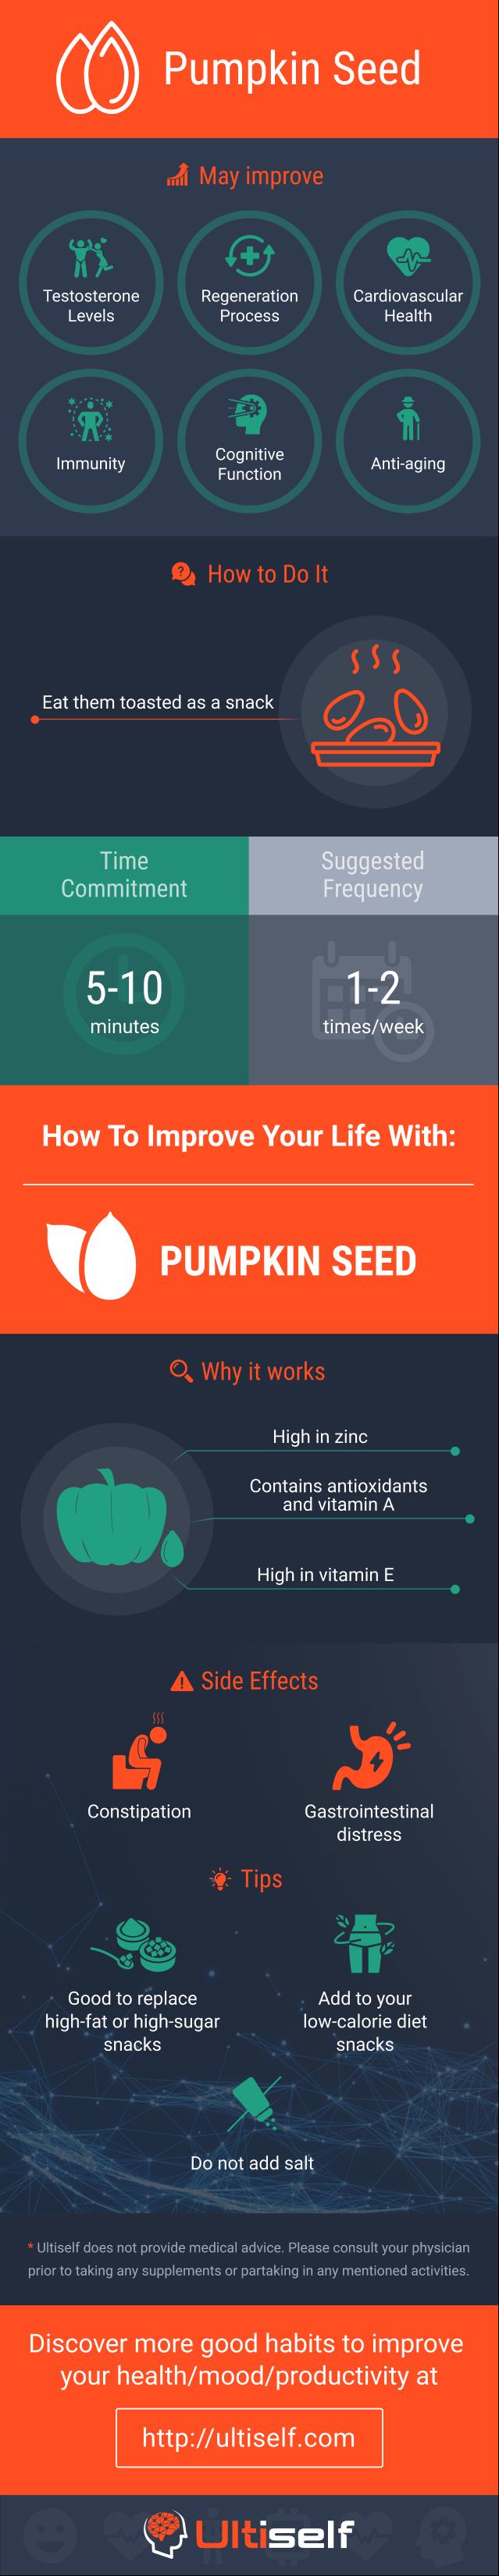 Pumpkin Seeds infographic